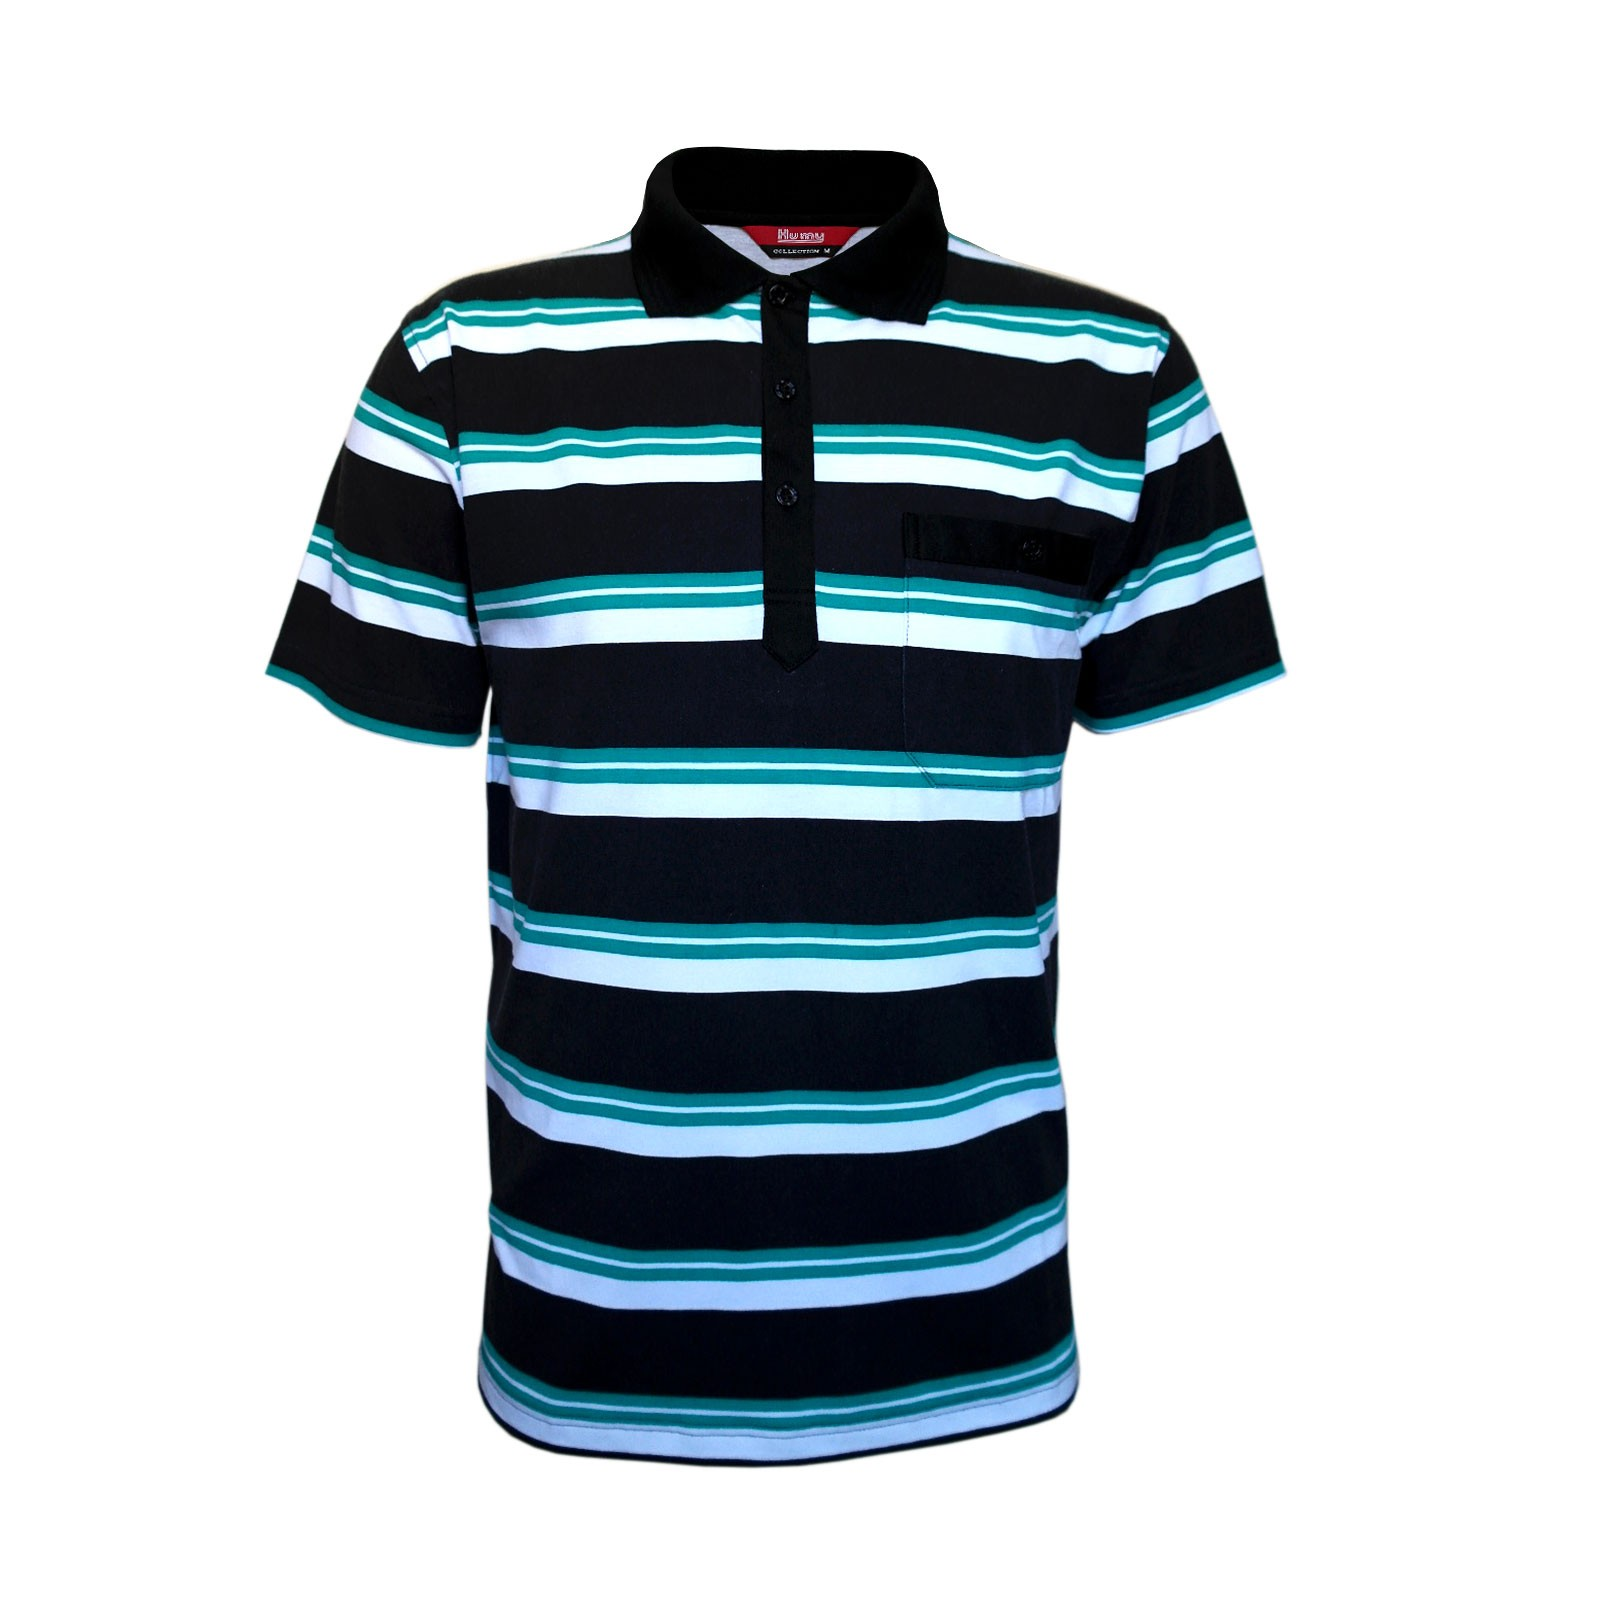 Kurzarm Poloshirts, Herren Polohemden im Ringelook Baumwollmischung M/3XL Schwarz